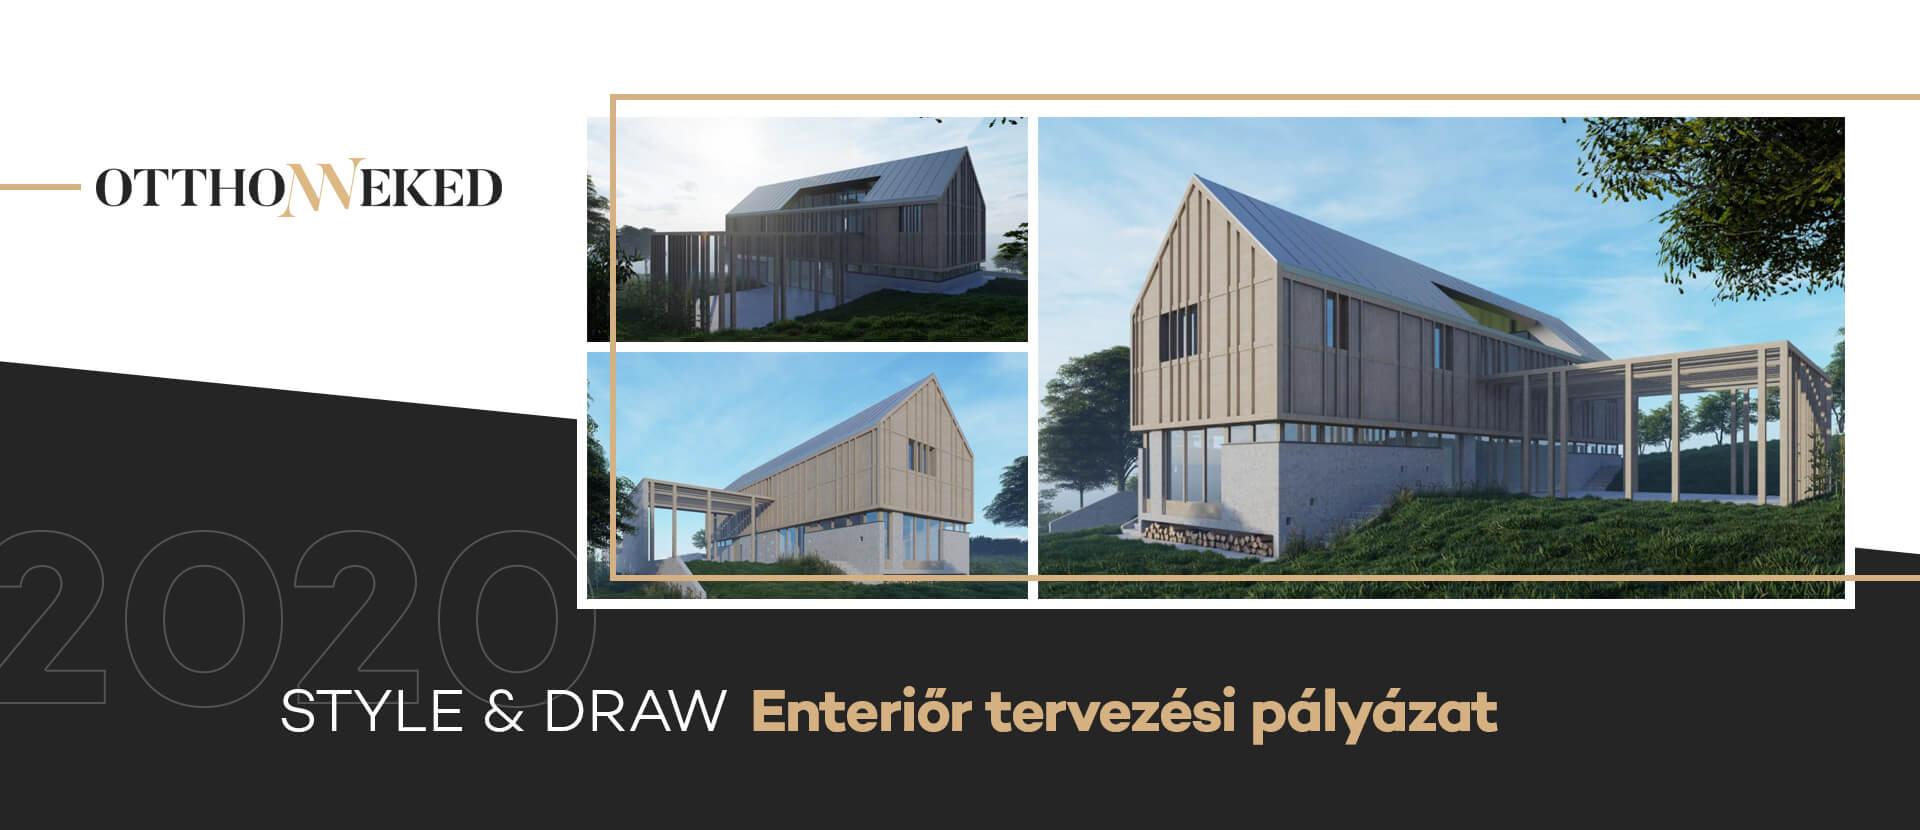 2020-as Style&Draw enteriőr tervezési pályázat